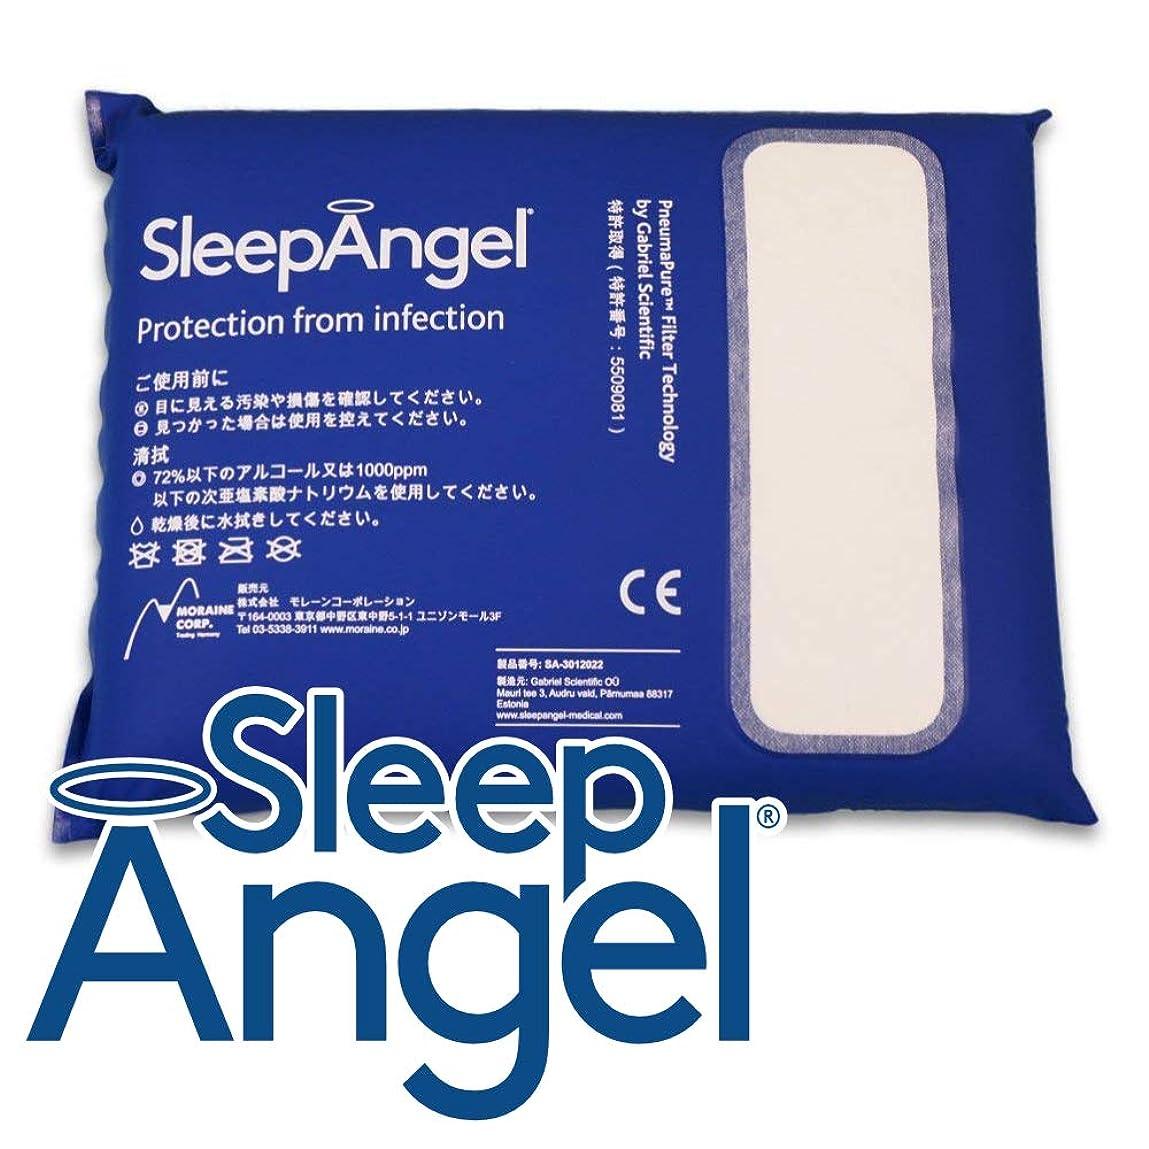 状態前者アクロバット医療用防ダニまくら スリープ エンジェル (Sleep Angel) 34 × 44 cm 低反発 ロイヤルブルー 洗う必要ナシ 拭くだけOK 病院採用の枕 介護?アレルギー対策にも